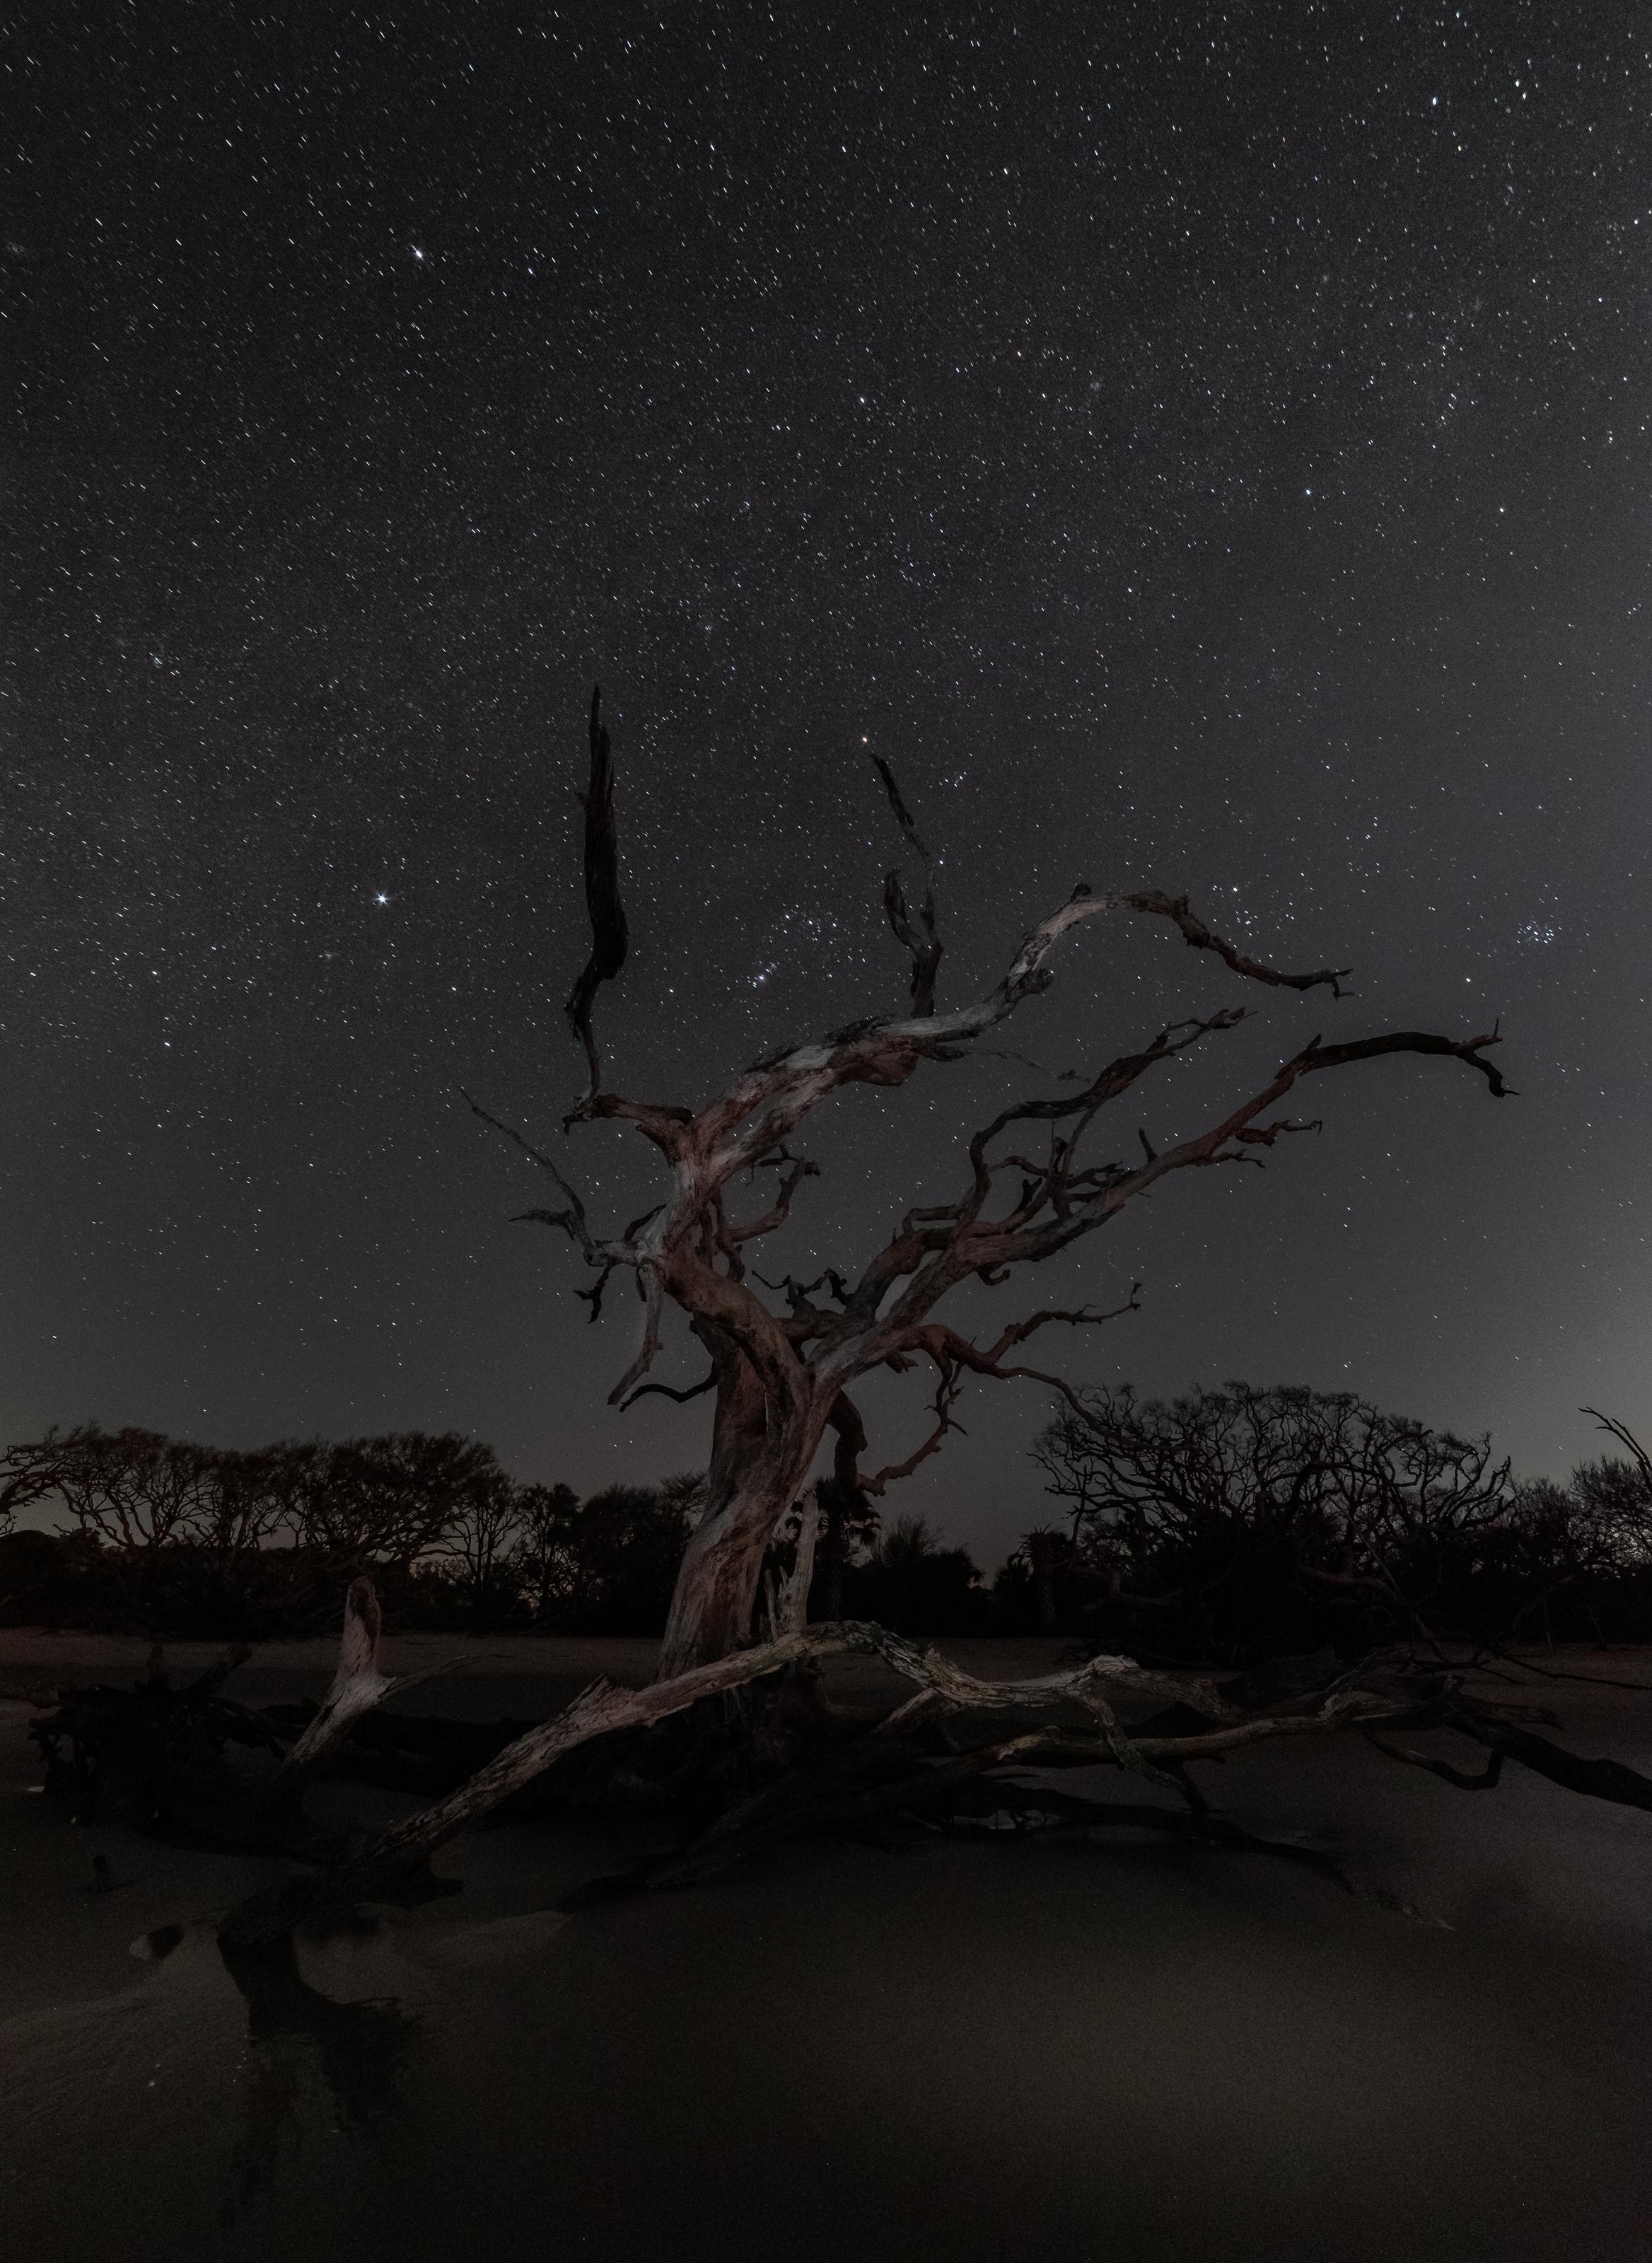 Driftwood Beach & Orion